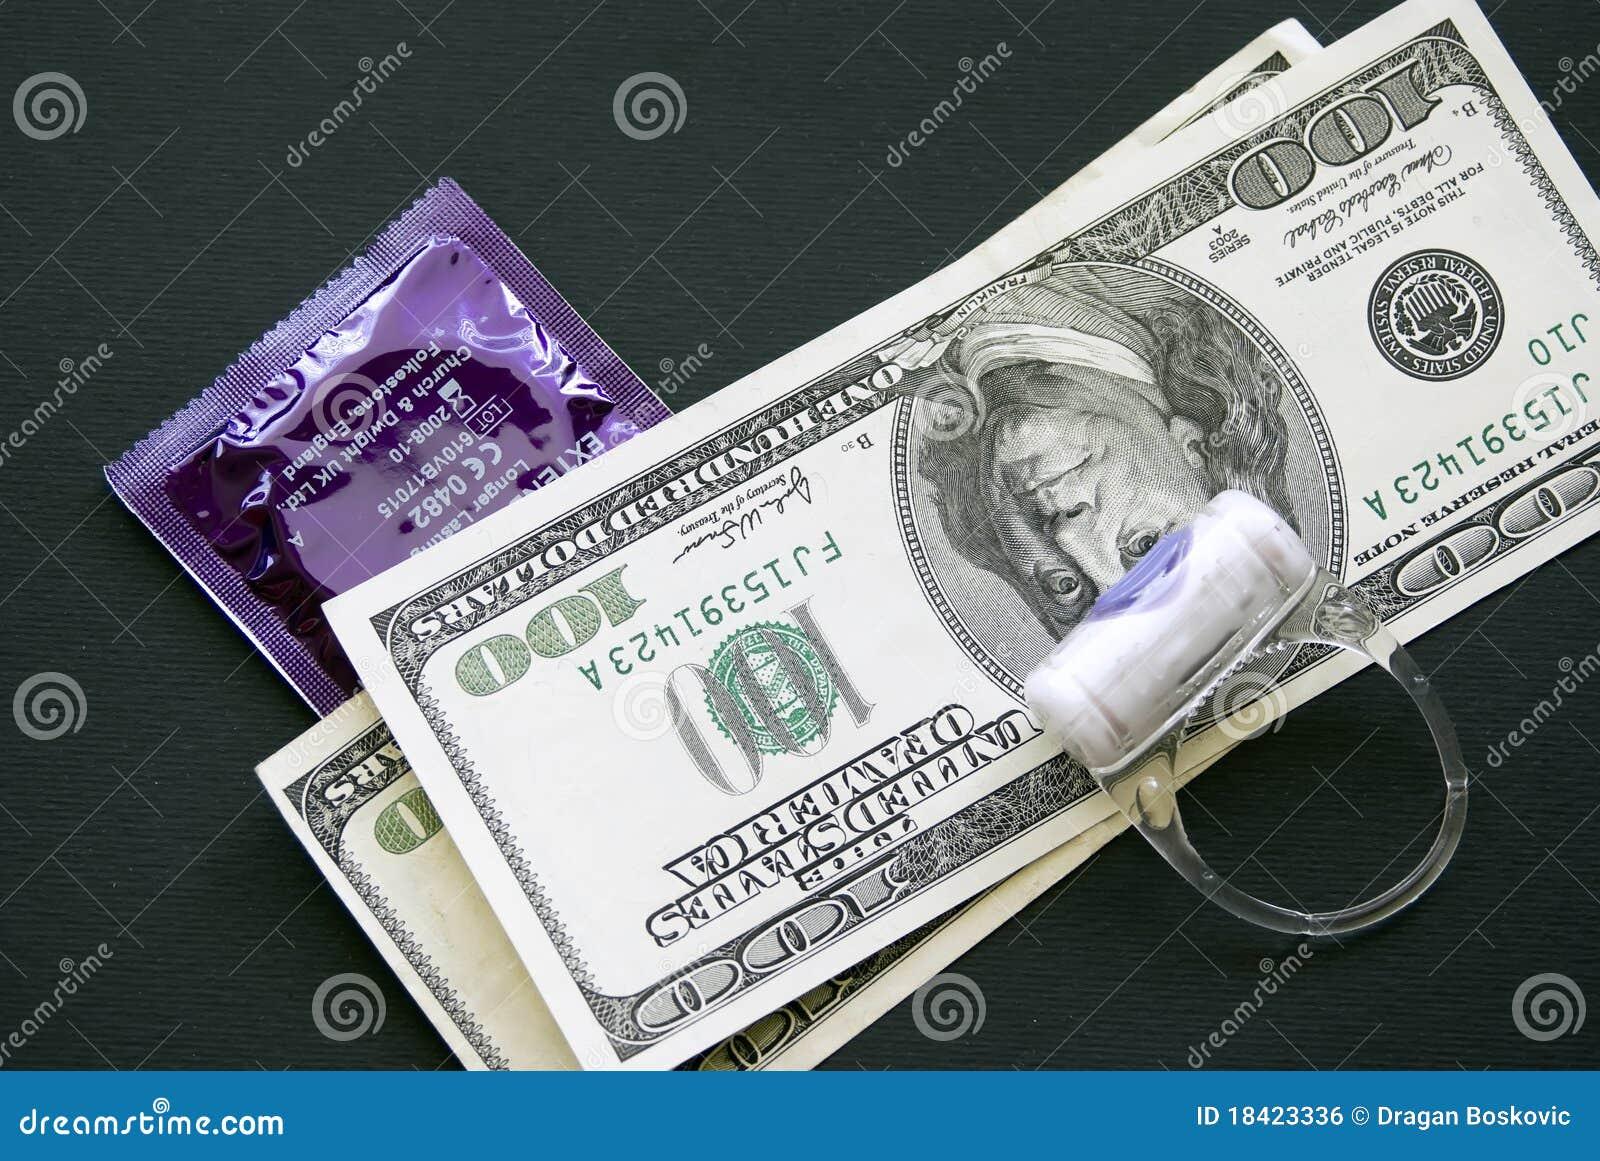 money Safe sex for